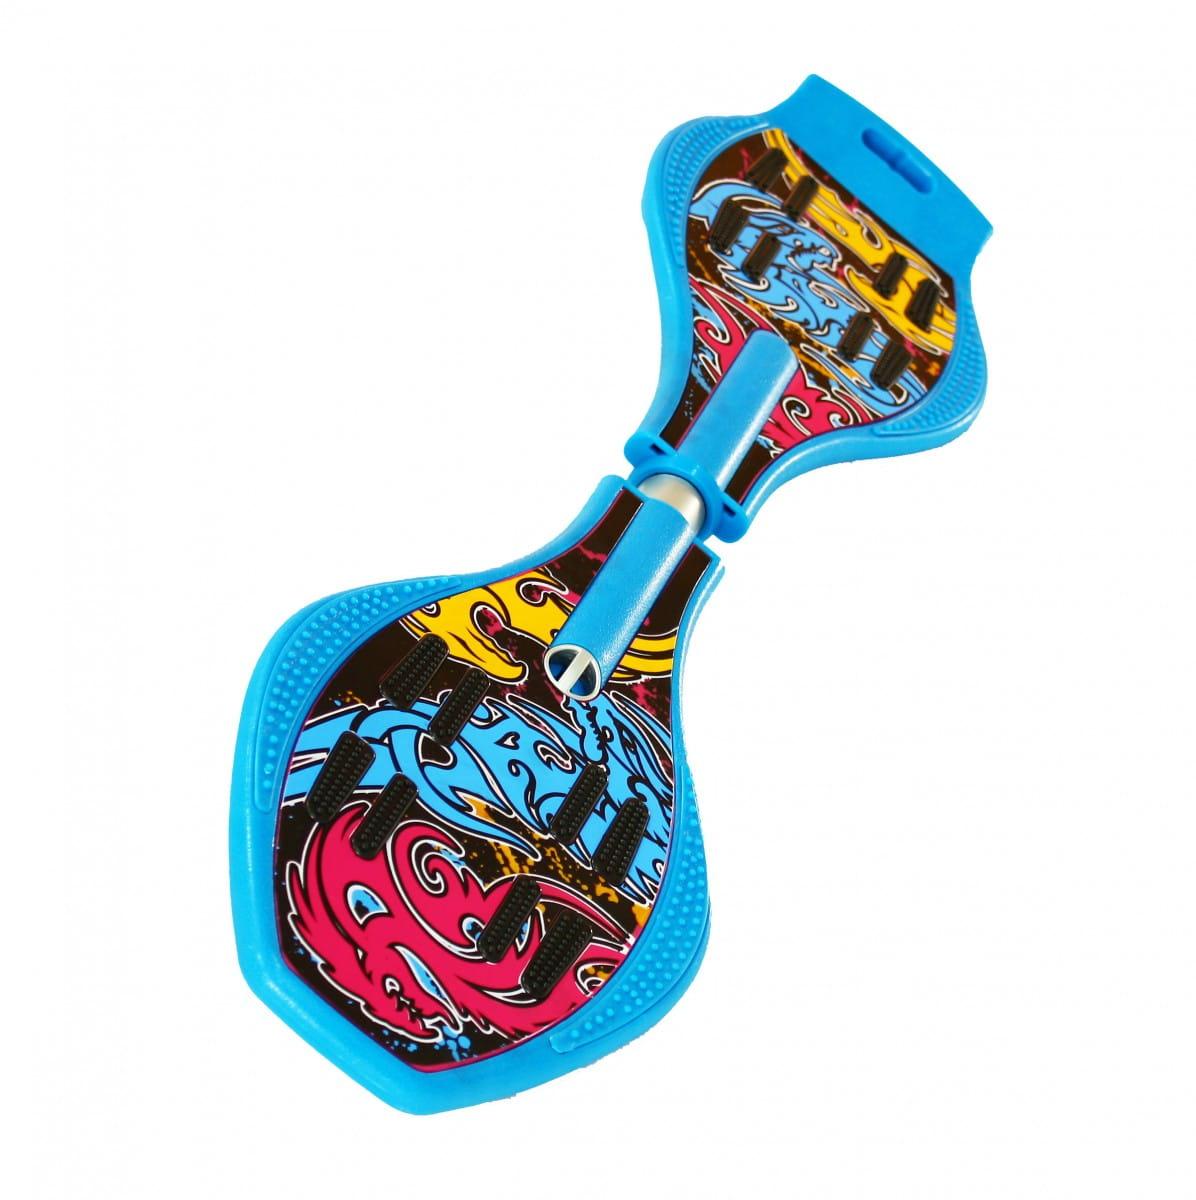 Двухколесный скейт Dragon Board во2227 Totem - синий